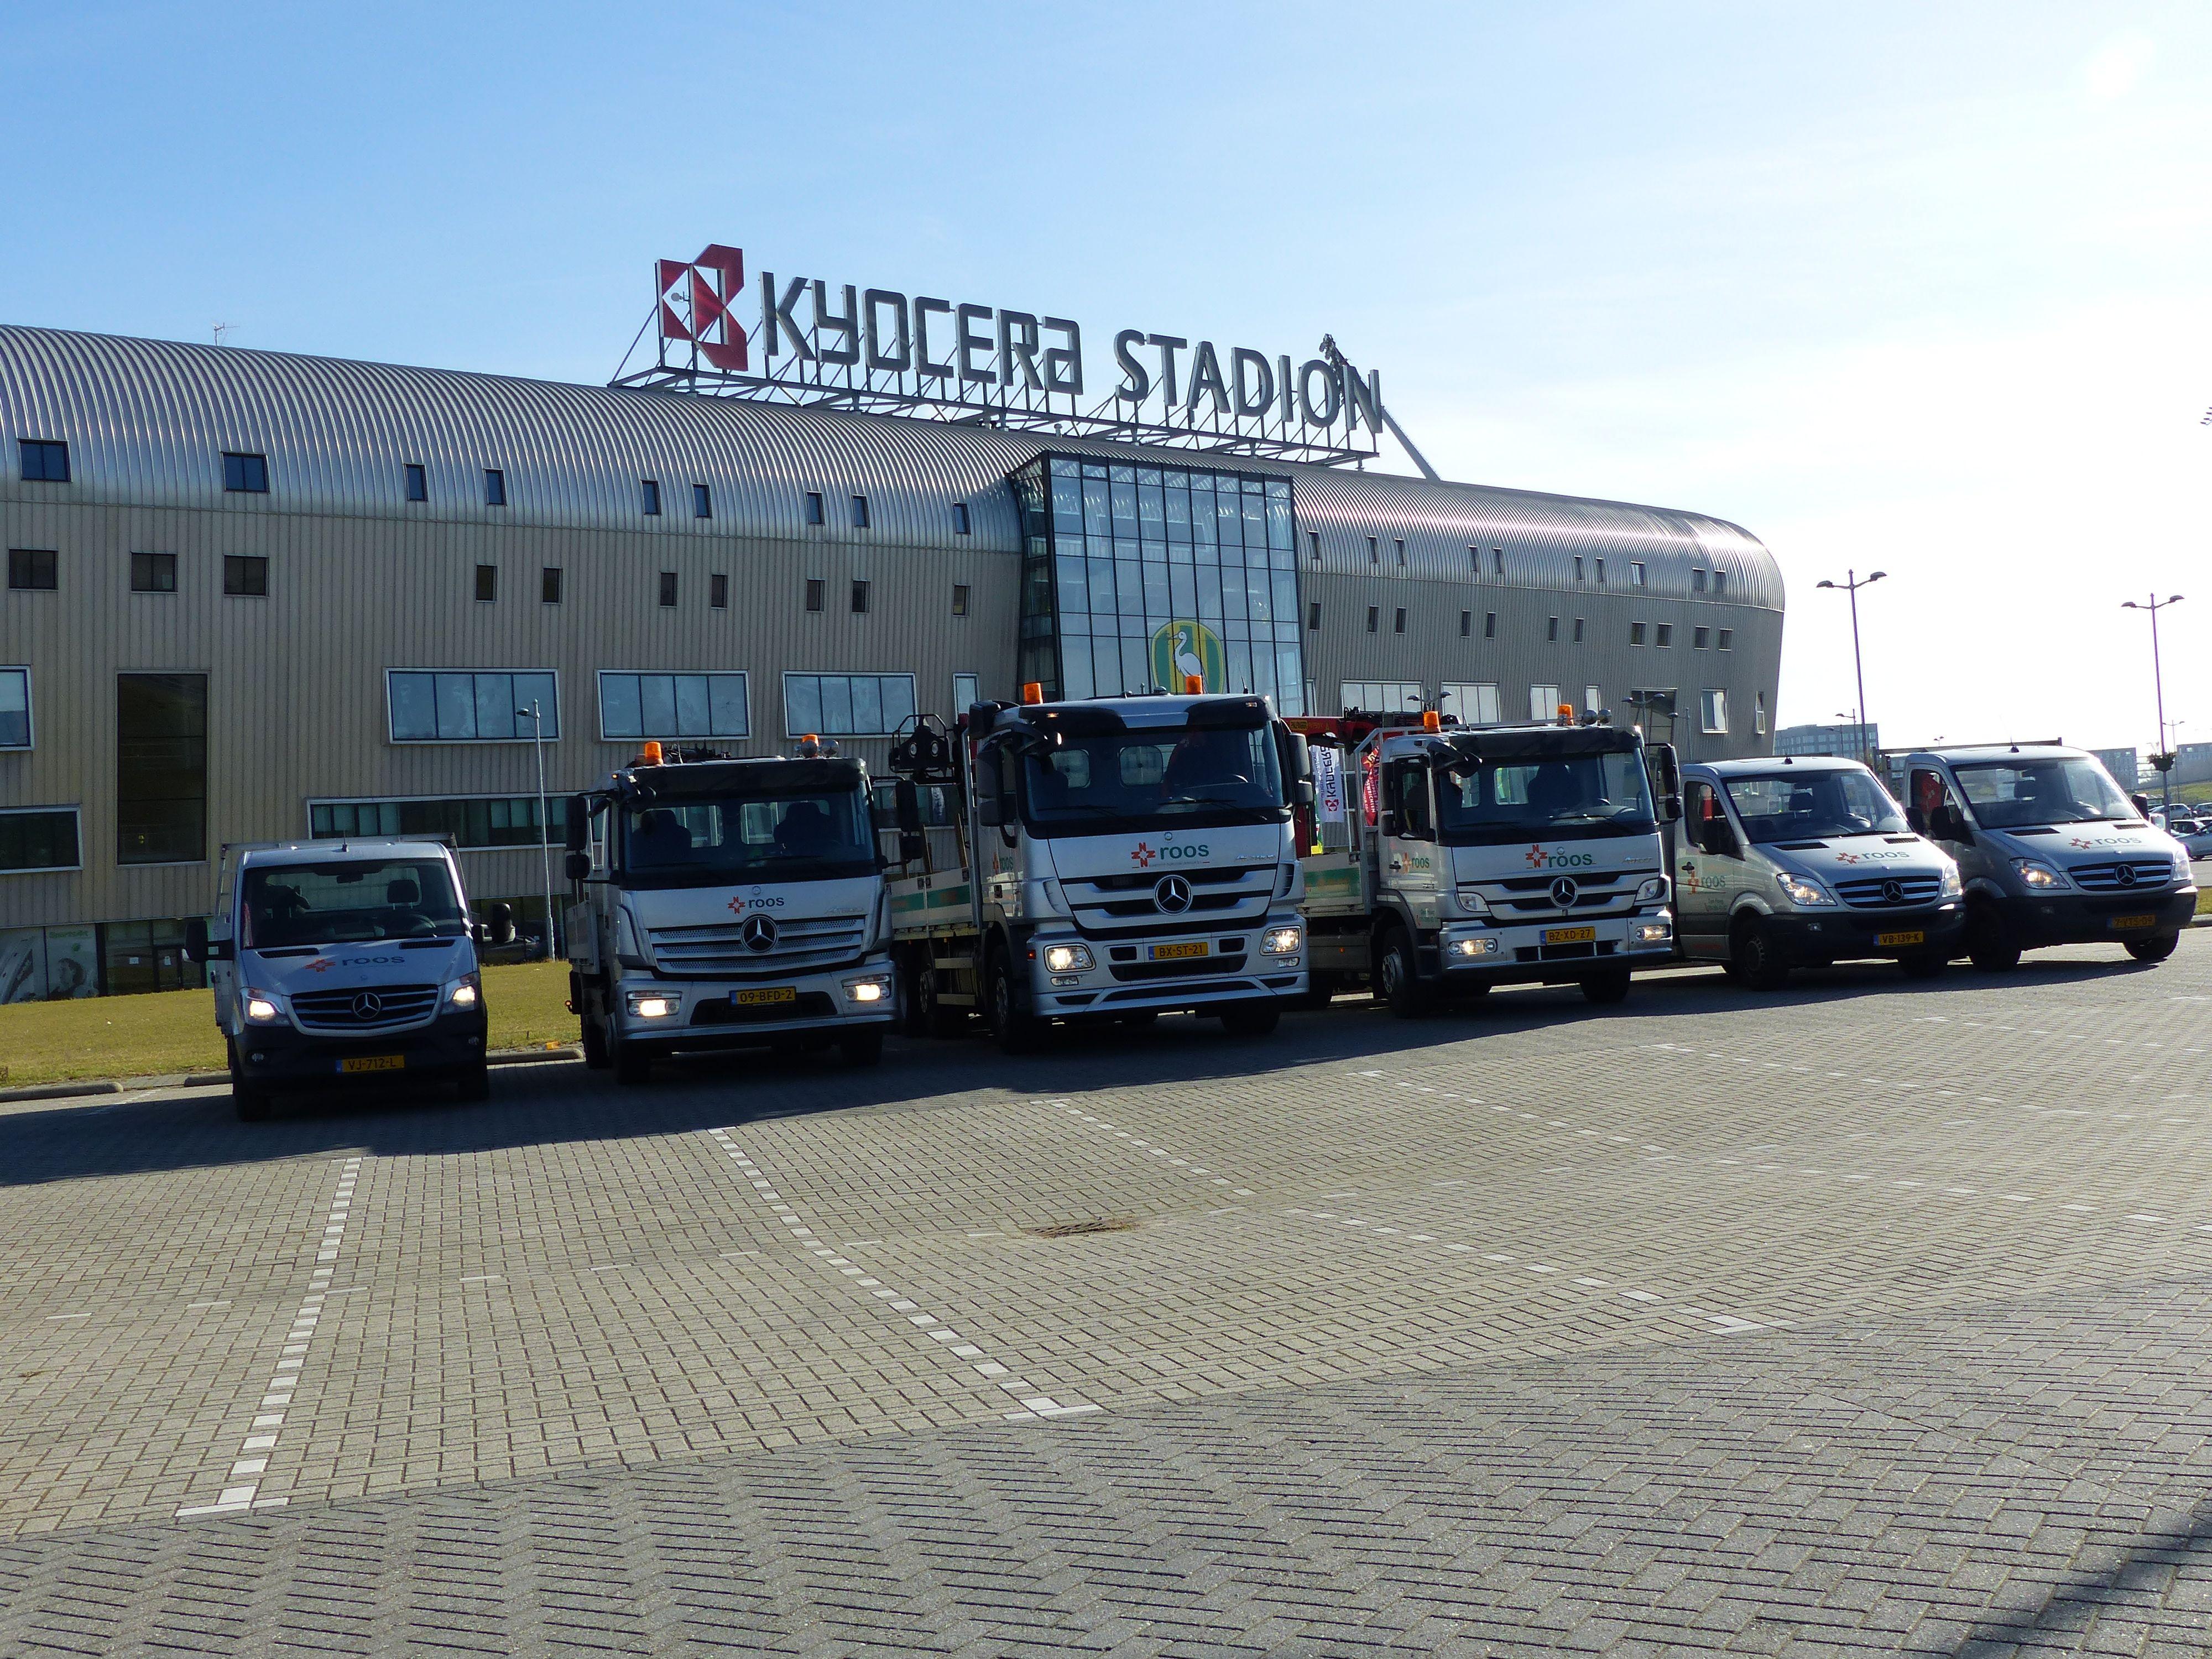 Kyocera Stadion Den Haag